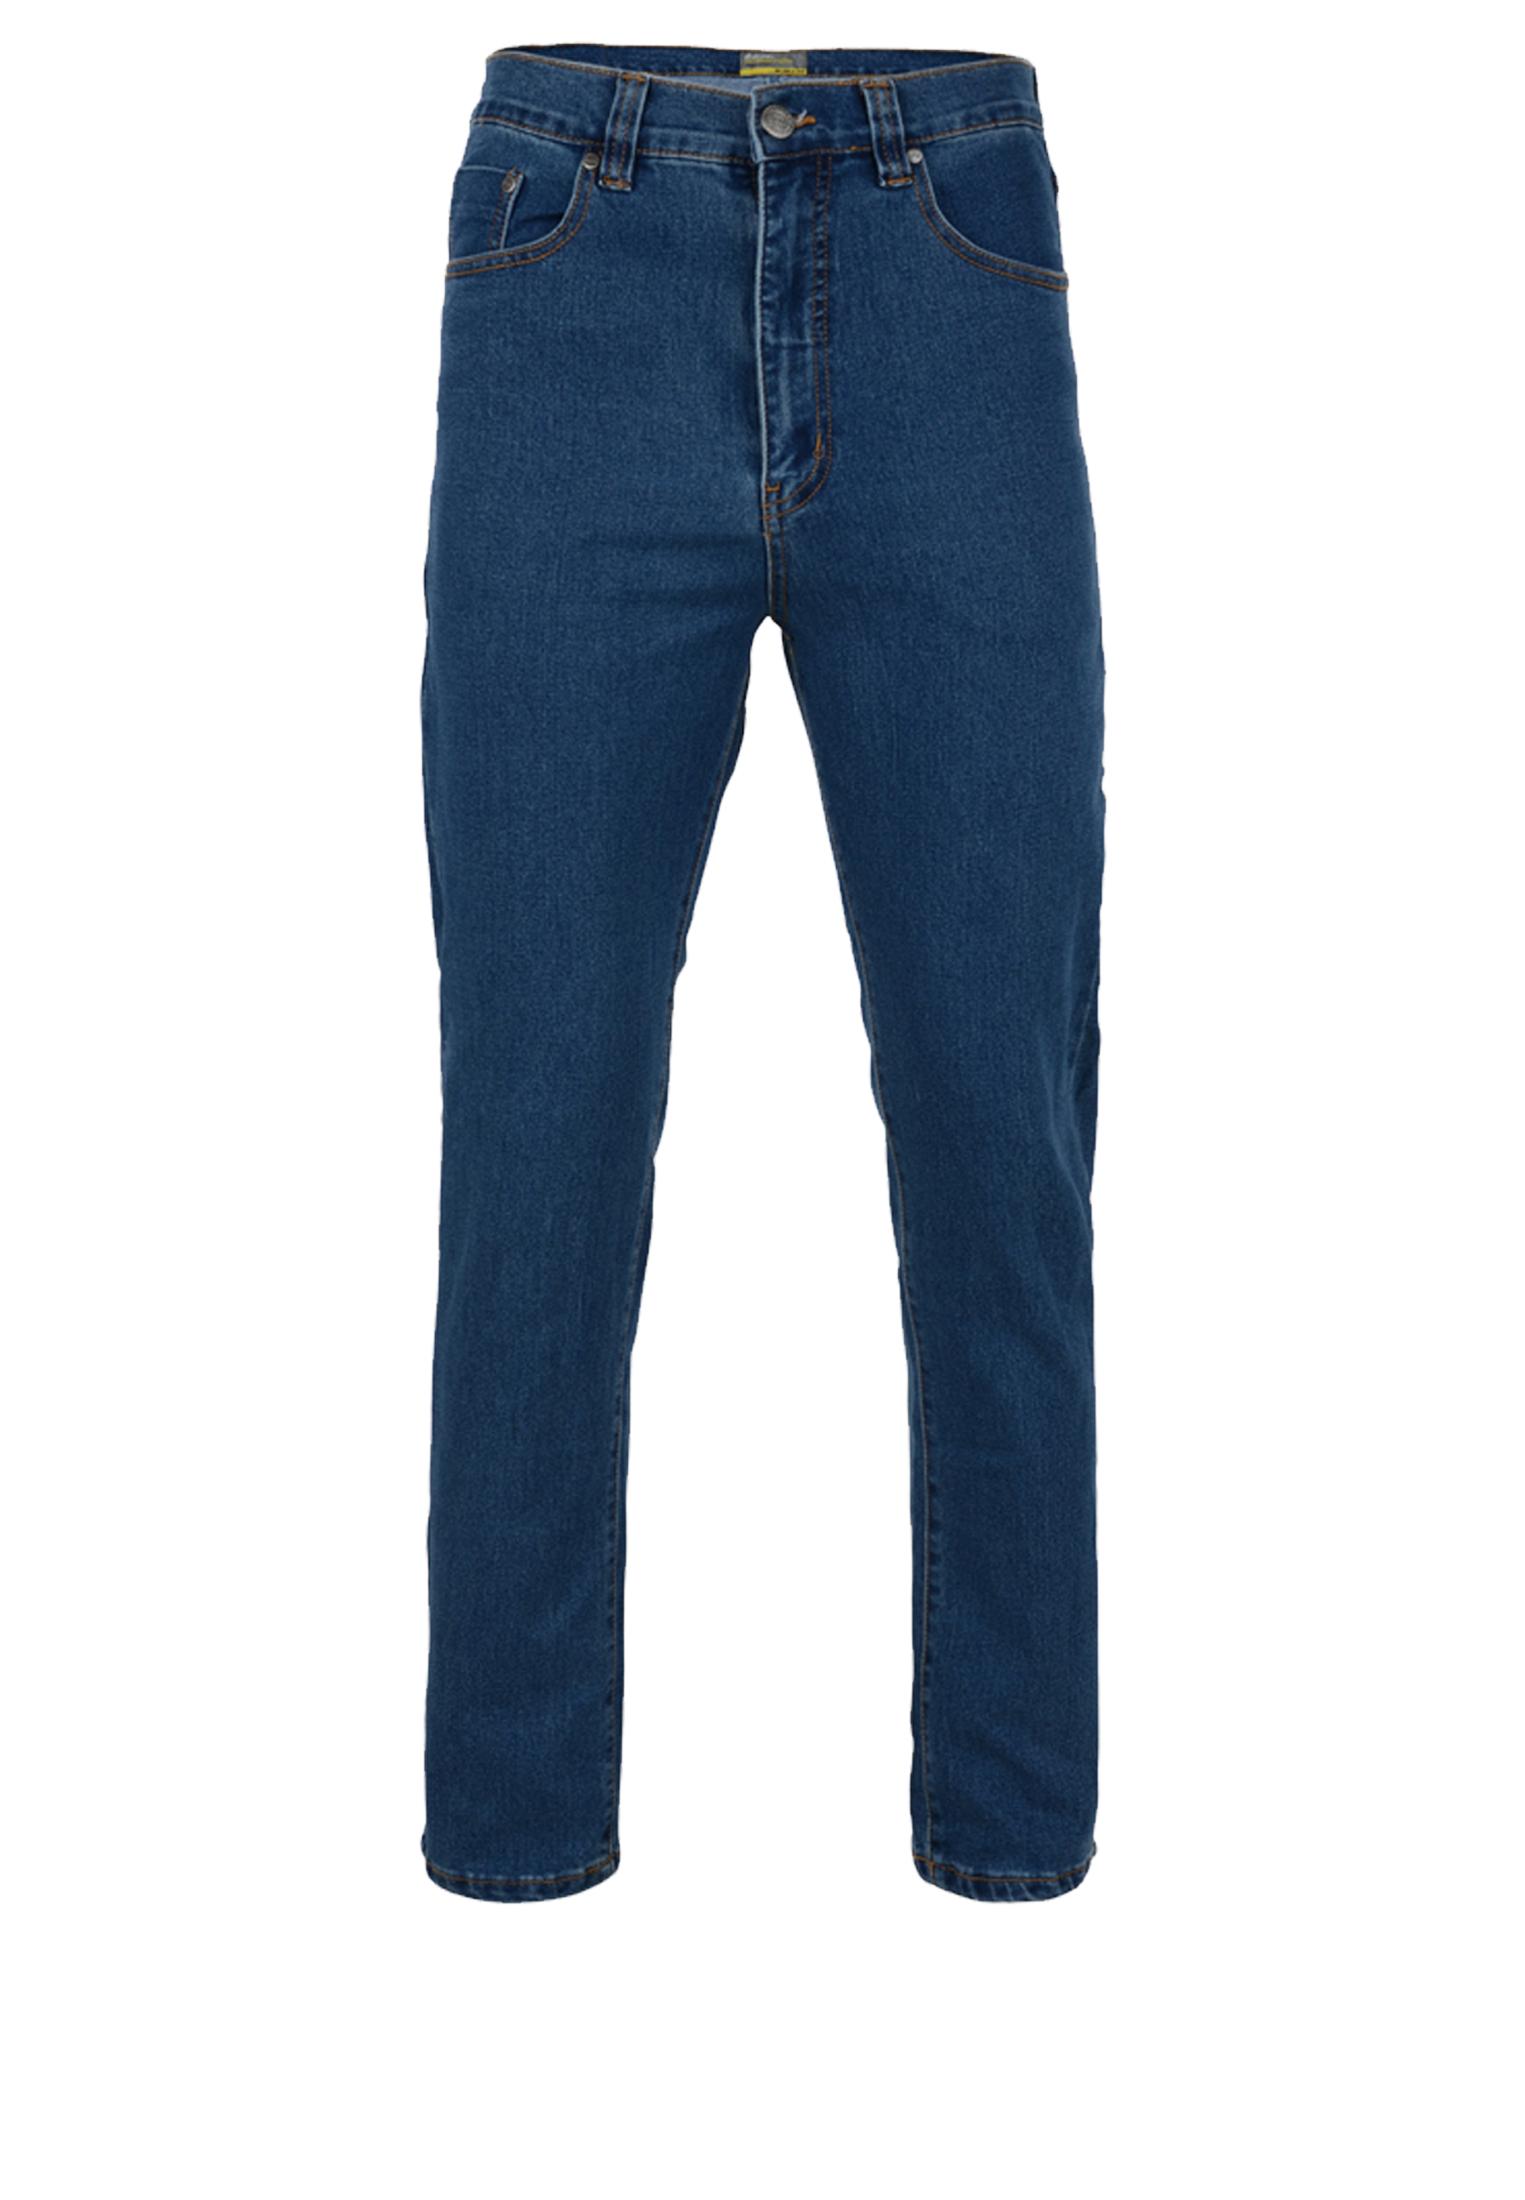 Stone-wash stretch jeans met rechte pijpen, een rits-knoopsluiting, 2 steekzakken voor waarvan 1 met een muntzakje en 2 achterzakken met contrasterend stiksel.  Beenlengte: 34 Inch